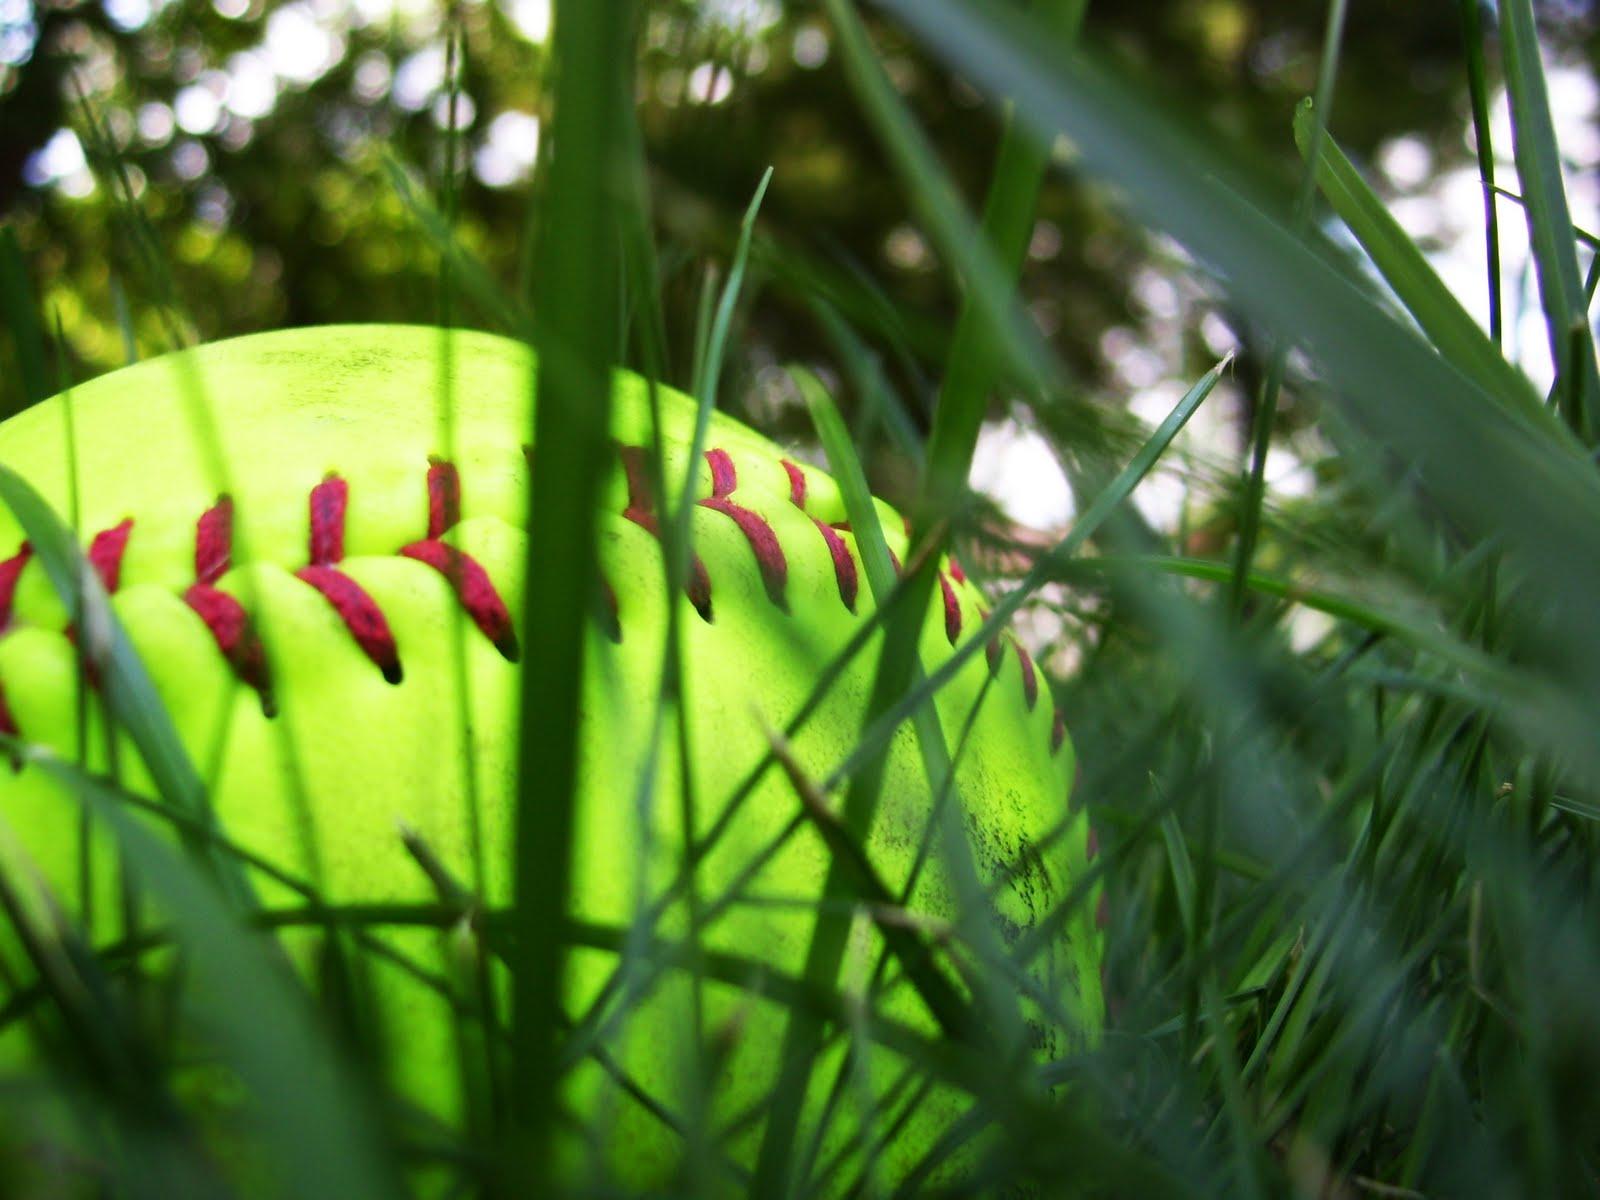 http://3.bp.blogspot.com/_EE-lHqijLPM/TA-g_aBISzI/AAAAAAAAAHM/g5w2-sr3J2E/s1600/softball.jpg